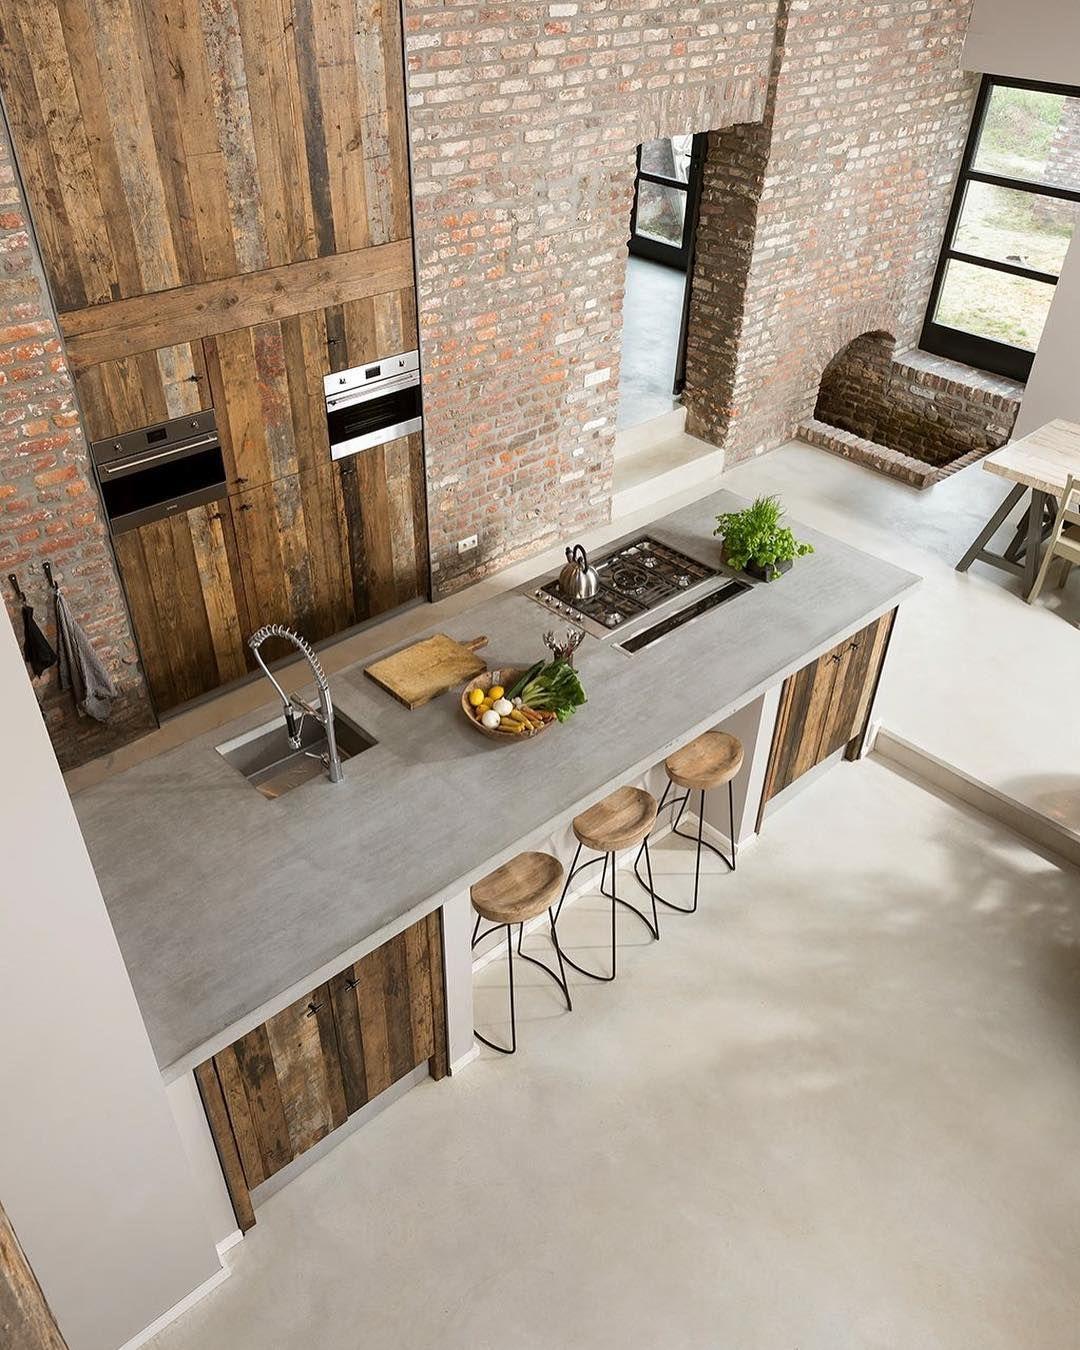 Betonarbeitsplatten in der Industrieküche mit freiliegenden Backsteinmauern und rustikalen Holzplatten via @cavainterieur